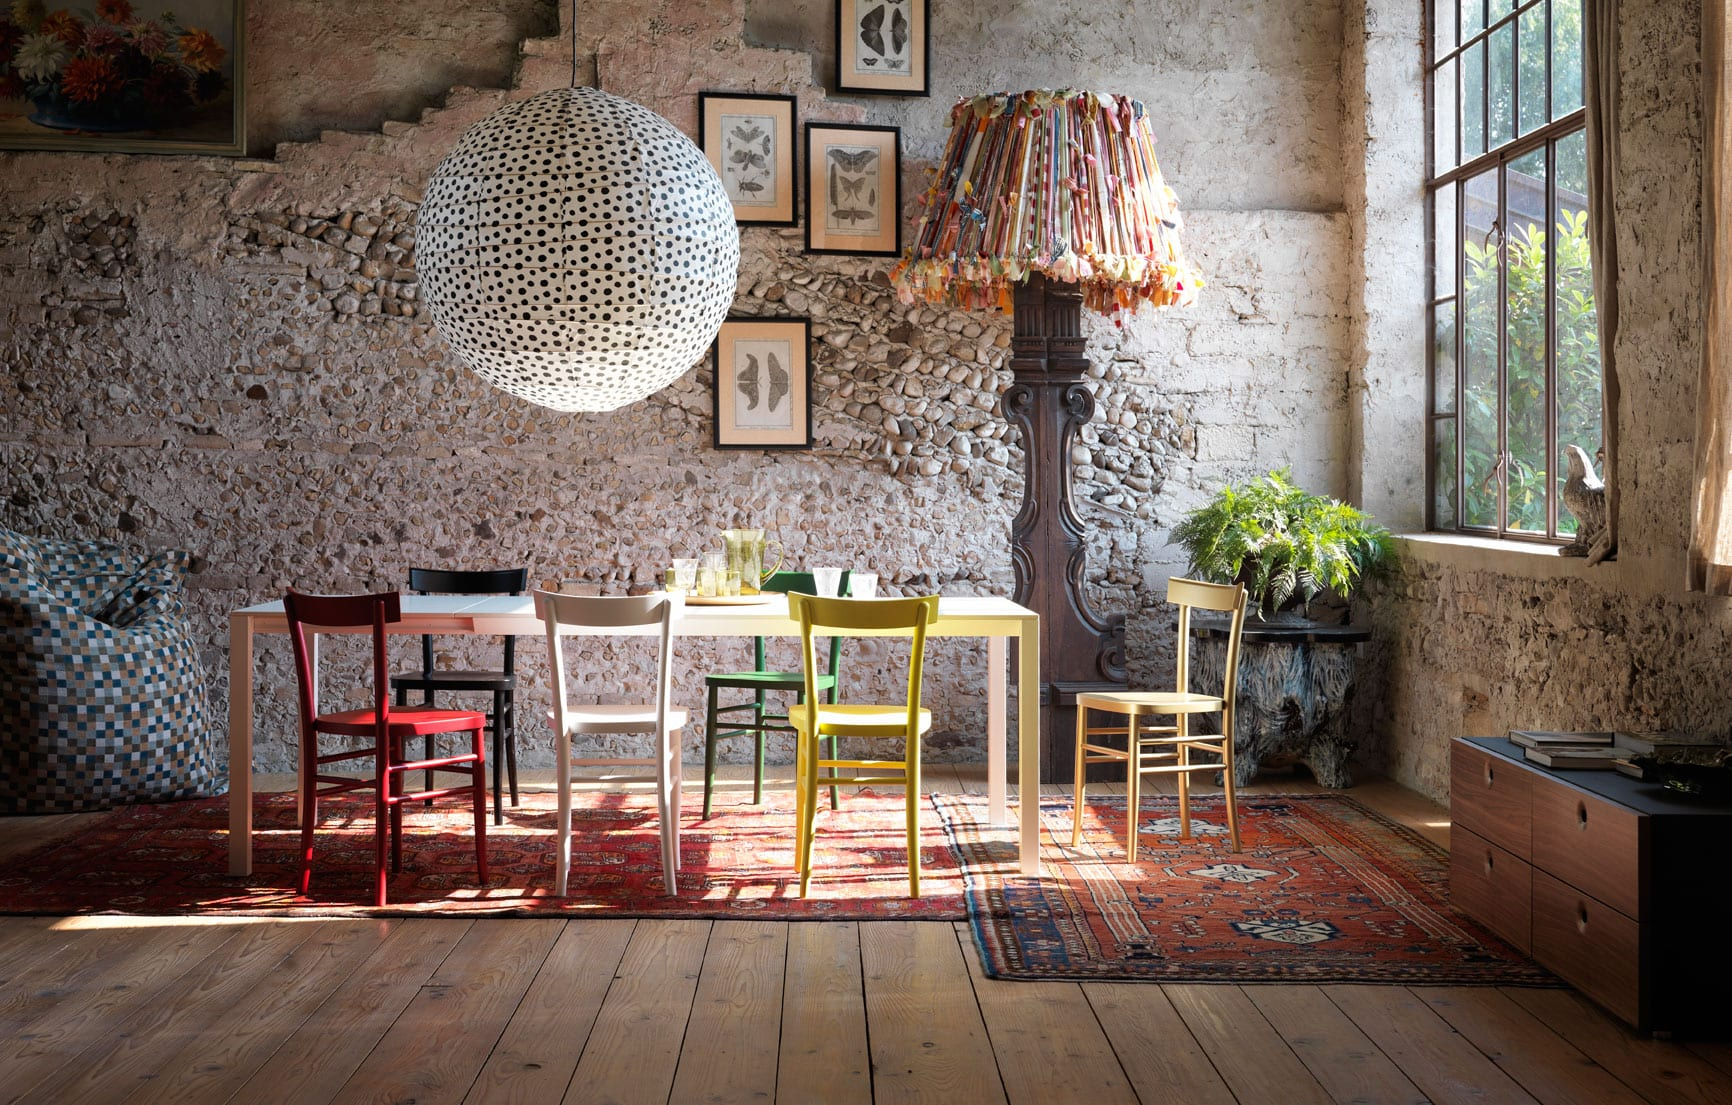 luxus wohnzimmer design mit holzboden und Esstisch weiß mit farbigen Esszimmerstühlen holz